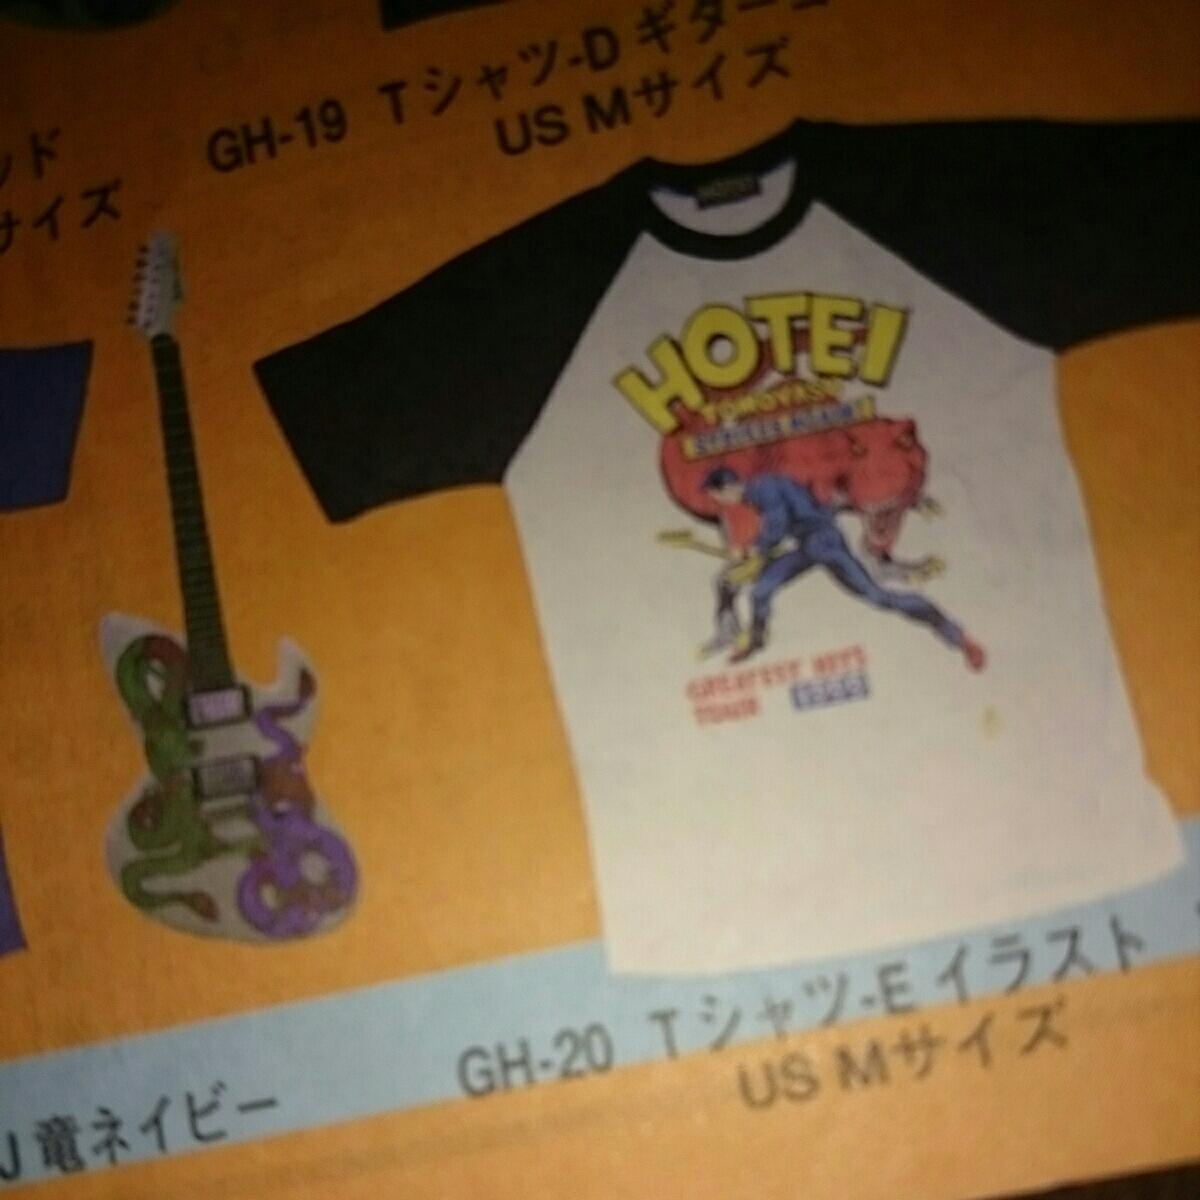 布袋寅泰1999ツアーのイラストTシャツ_画像4